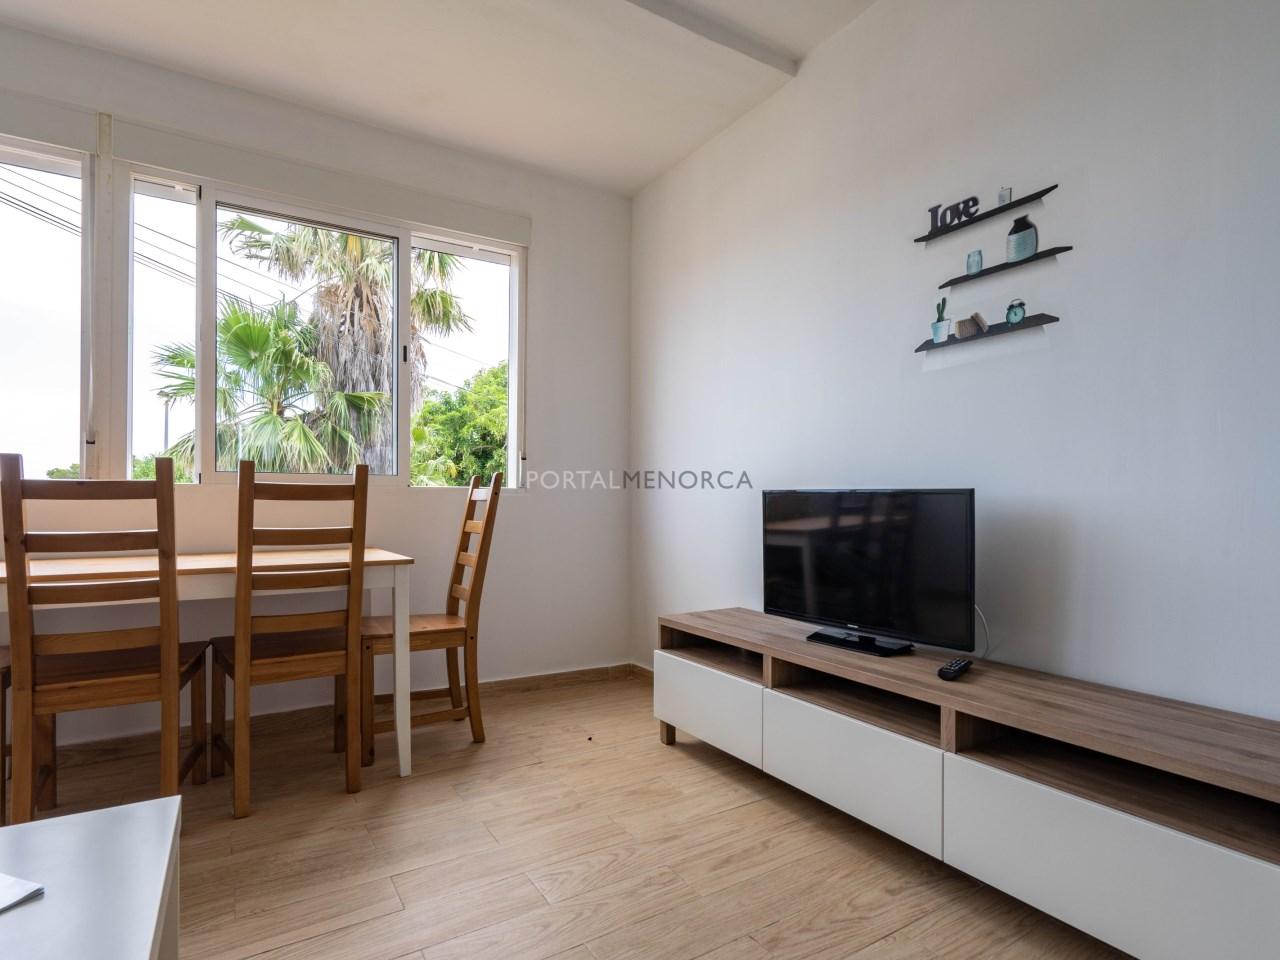 comprar-apartamento-menorca (3)